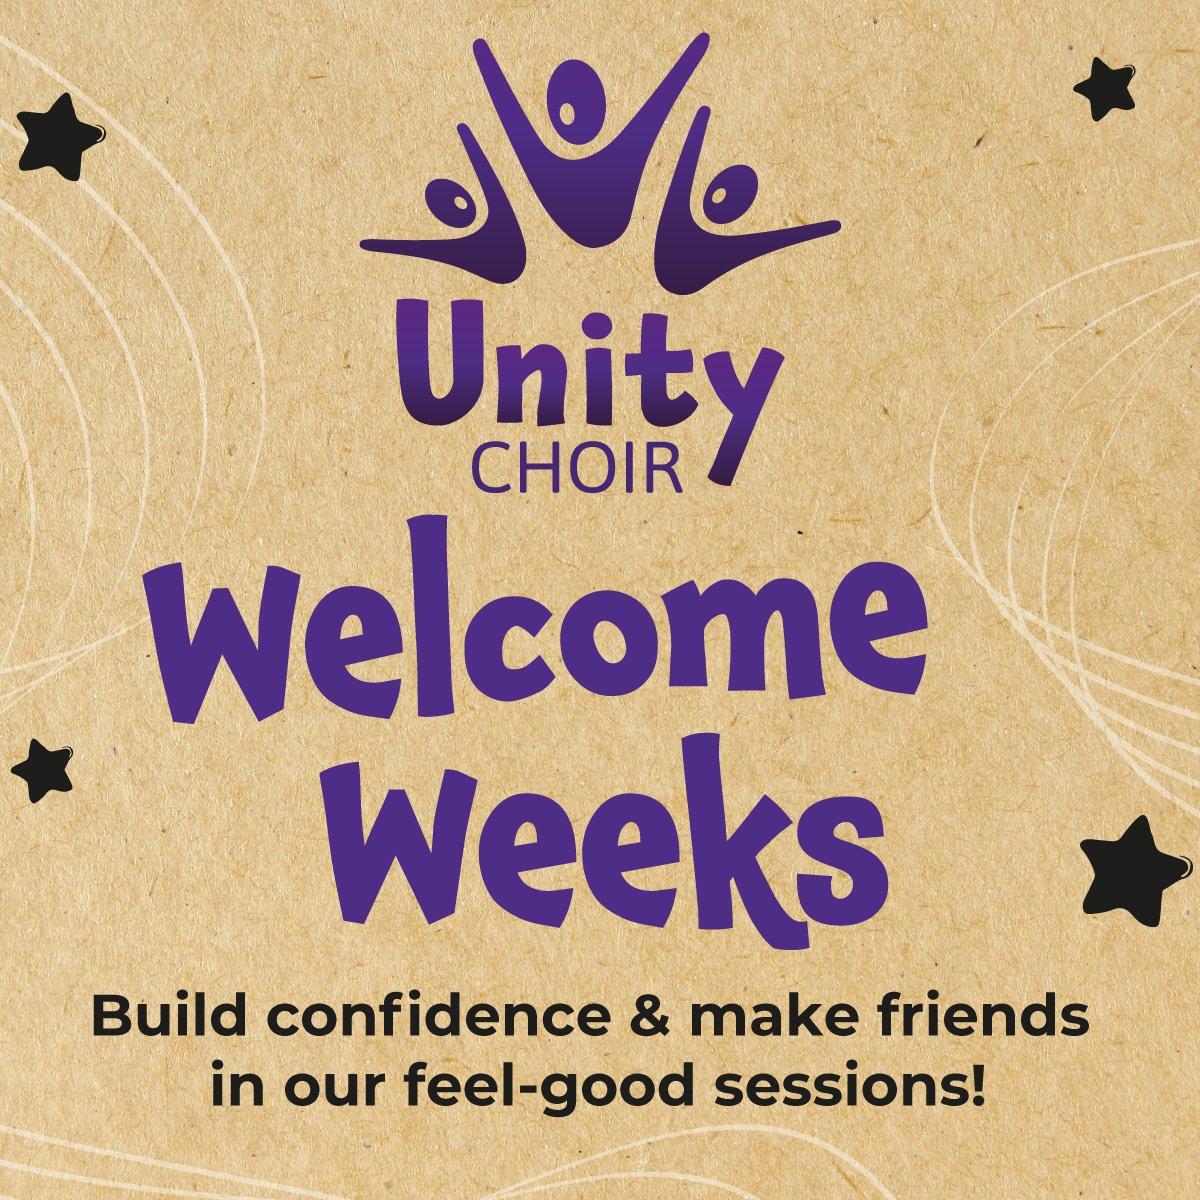 Unity Choir Welcome Weeks